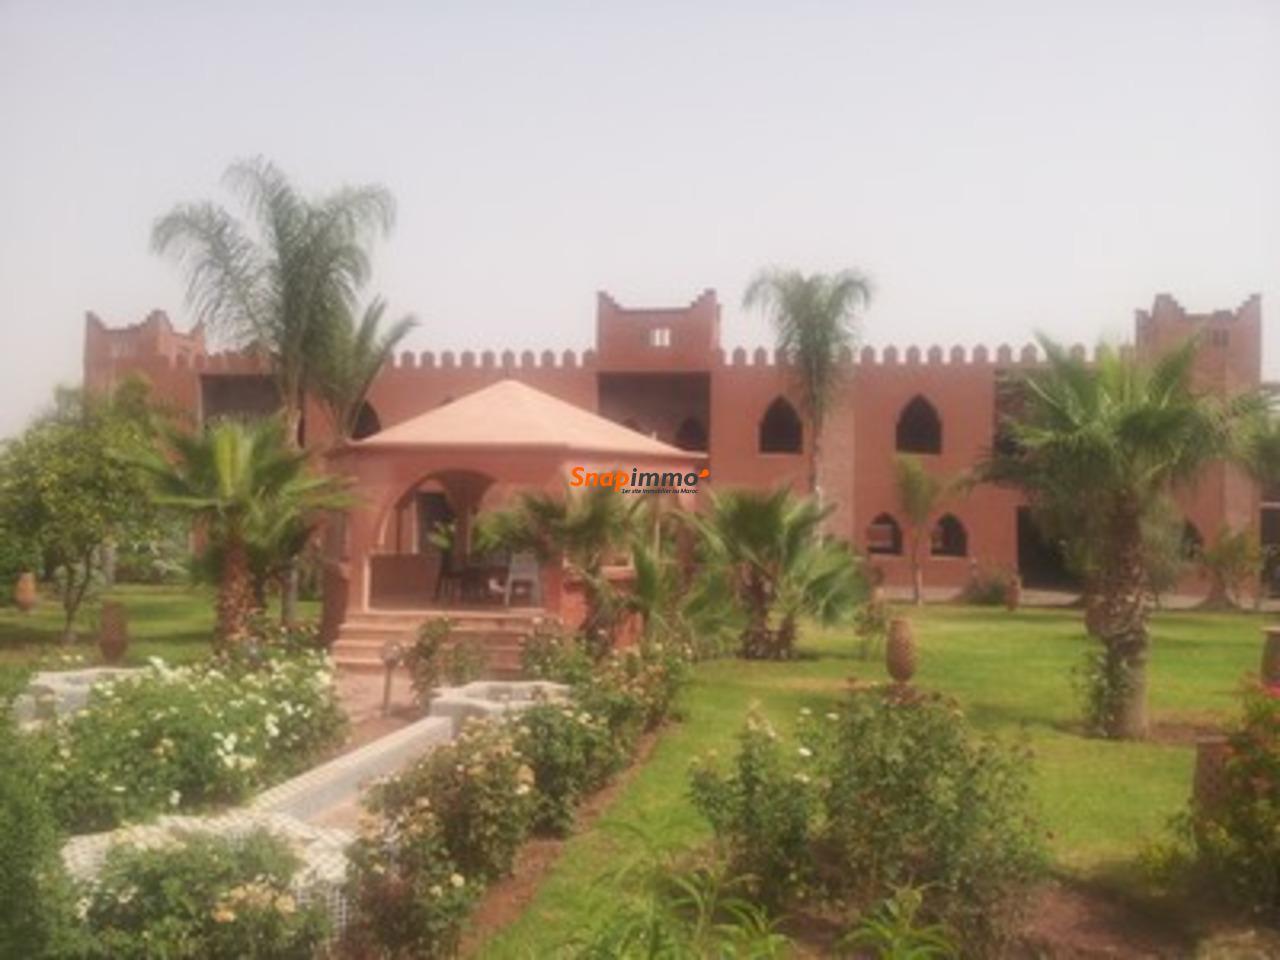 Hotel à vendre à Marrakech,riad à marrakech - 4/4